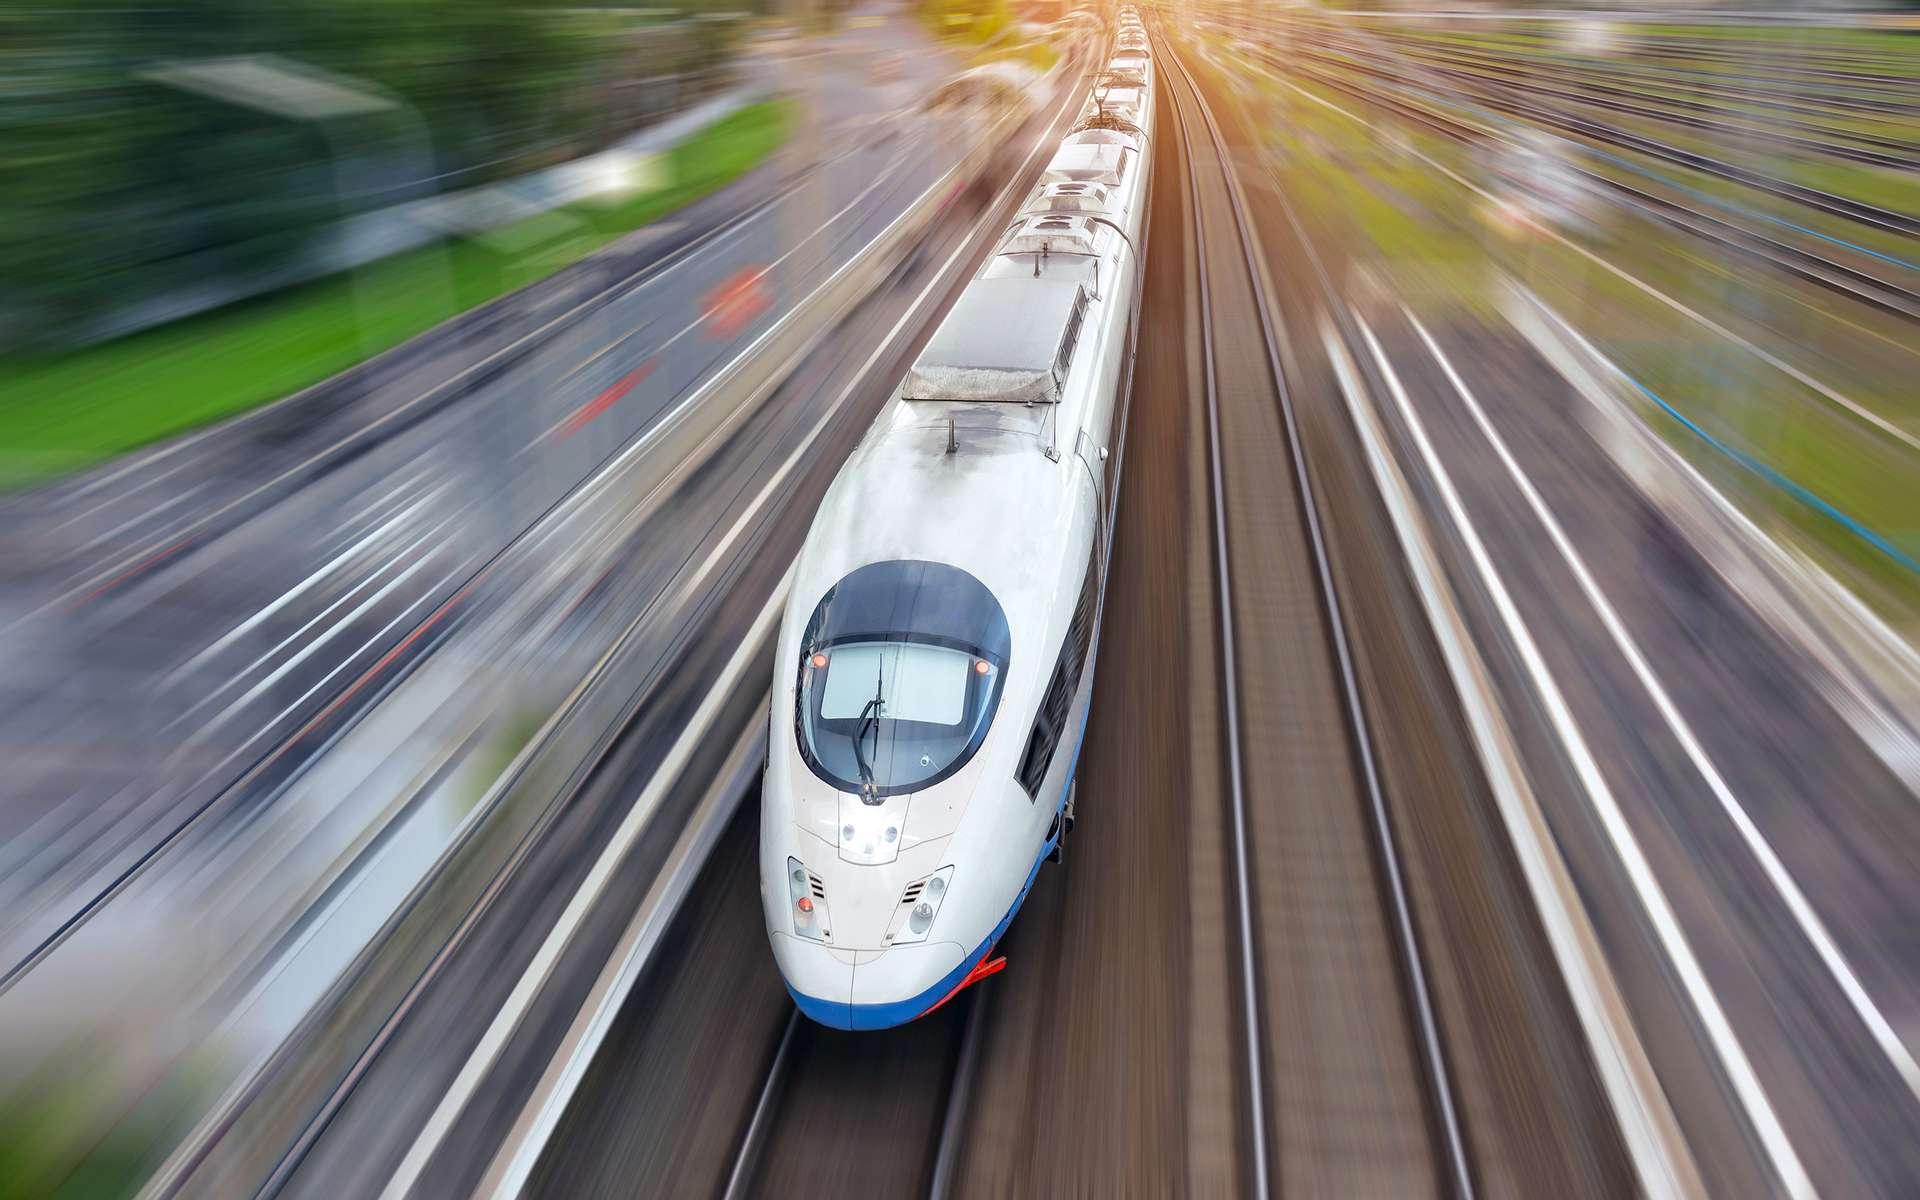 En France, des trains autonomes pourraient rouler dès 2025. C'est du moins le pari de la SNCF. © Aapsky, Adobe Stock